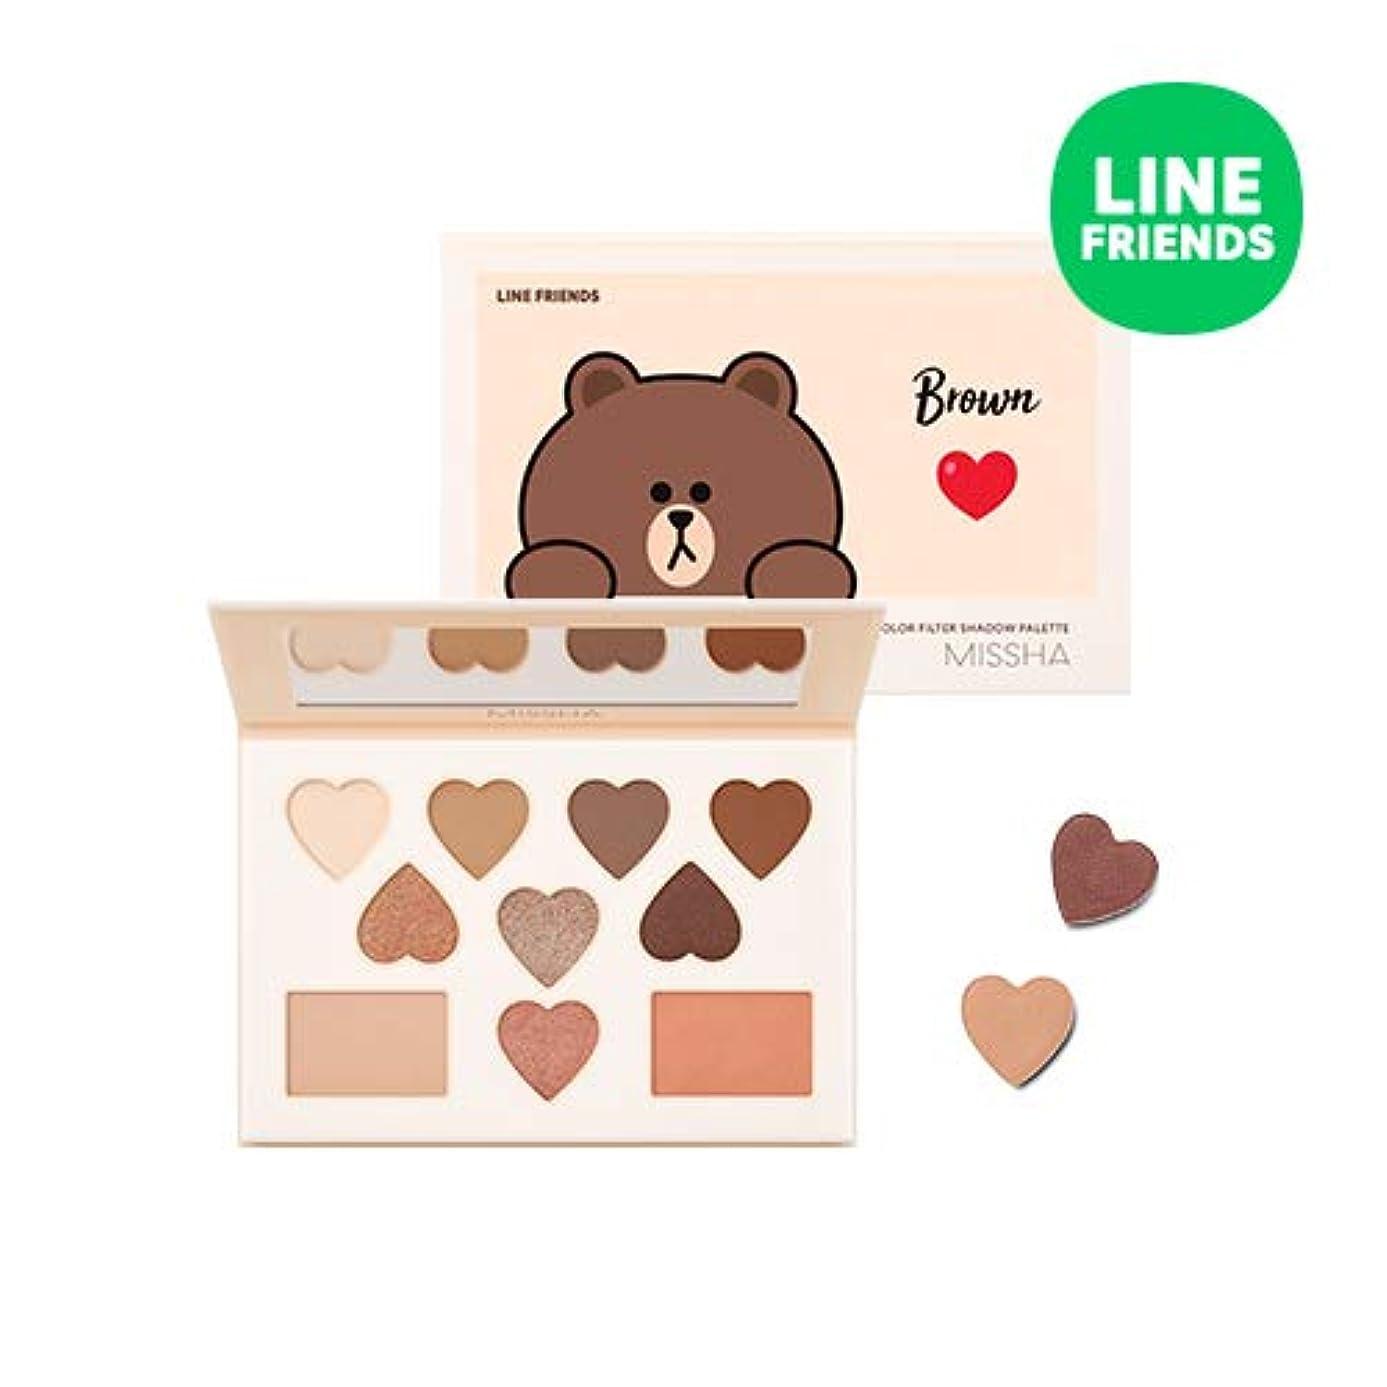 建設繕うクモミシャ[ラインフレンズエディション] カラー フィルター シャドウ パレット MISSHA [Line Friends Edition] Color Filter Shadow Palette #5. Brown [並行輸入品]